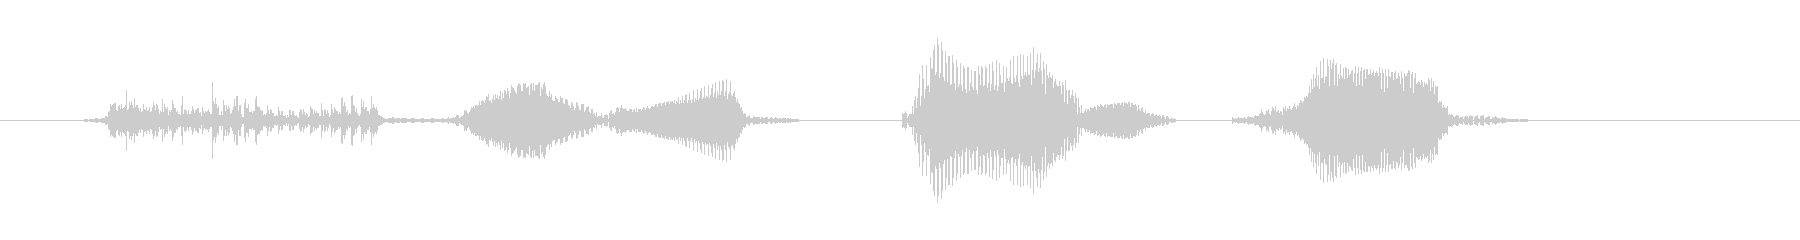 ダブルパンチ!の未再生の波形